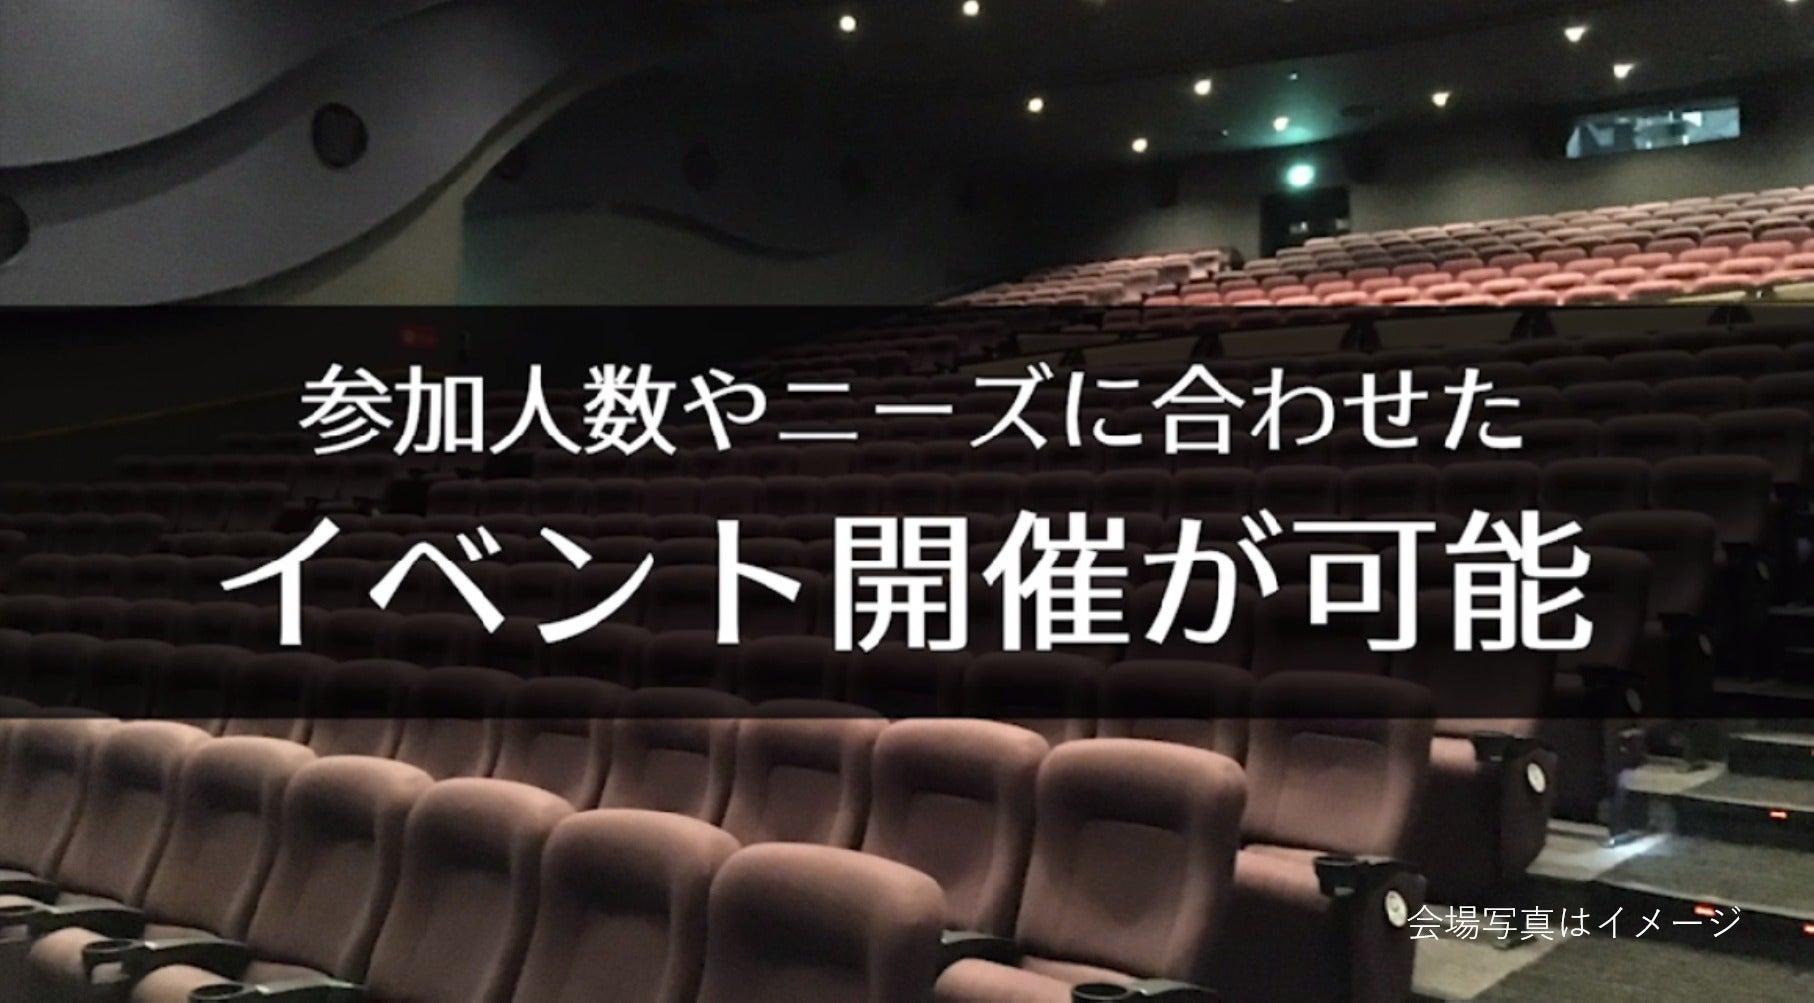 【つくば 127席】映画館で、会社説明会、株主総会、講演会の企画はいかがですか?(シネプレックスつくば) の写真0